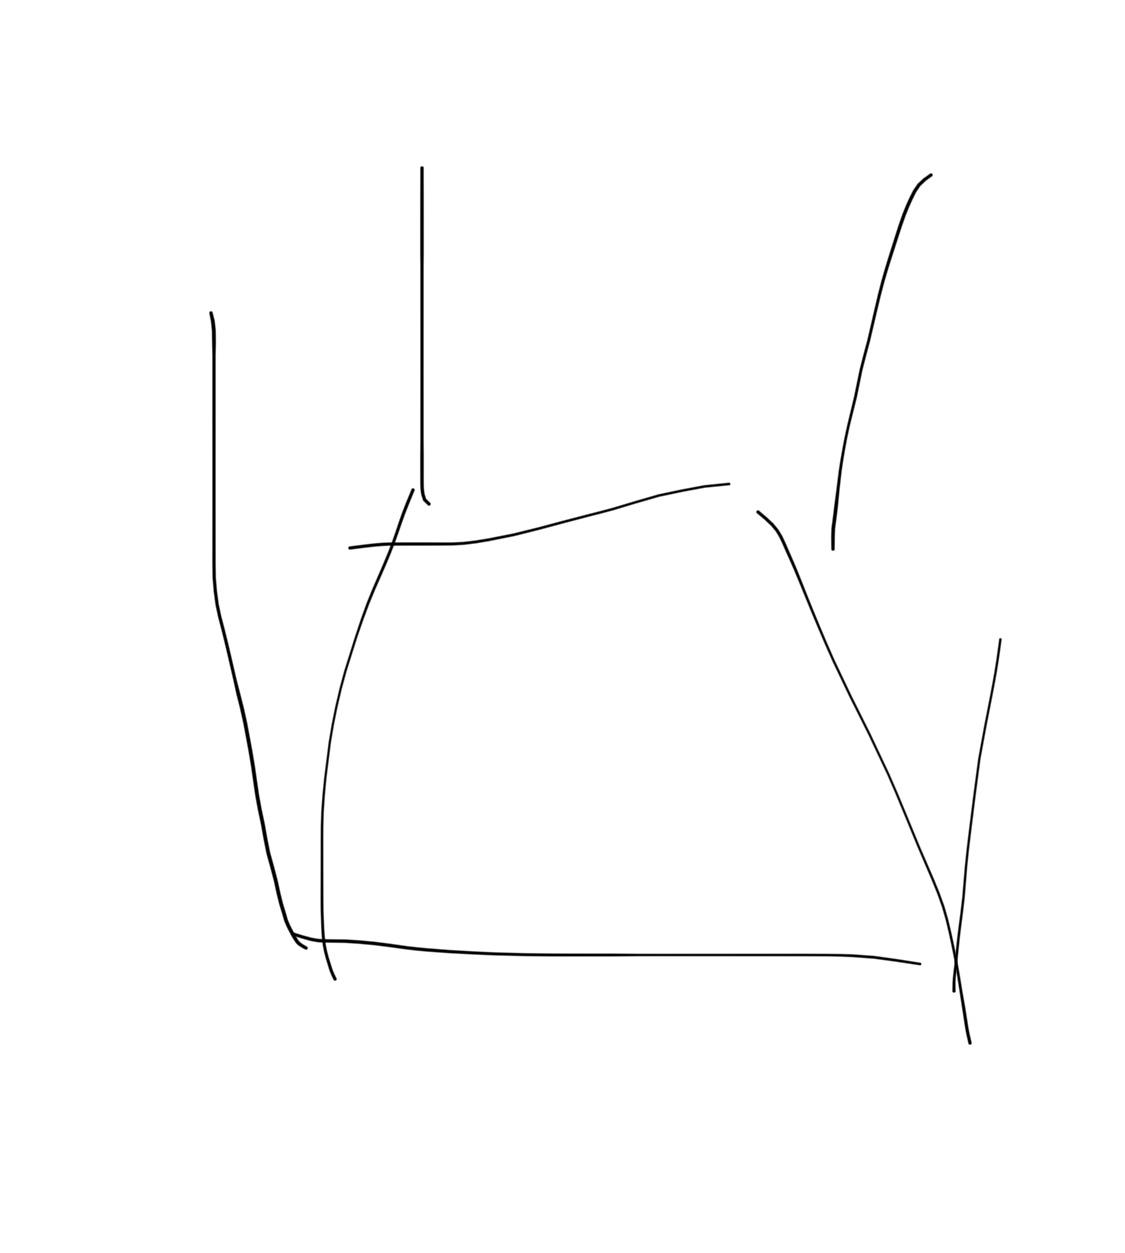 f:id:sasigume:20210217145911j:plain